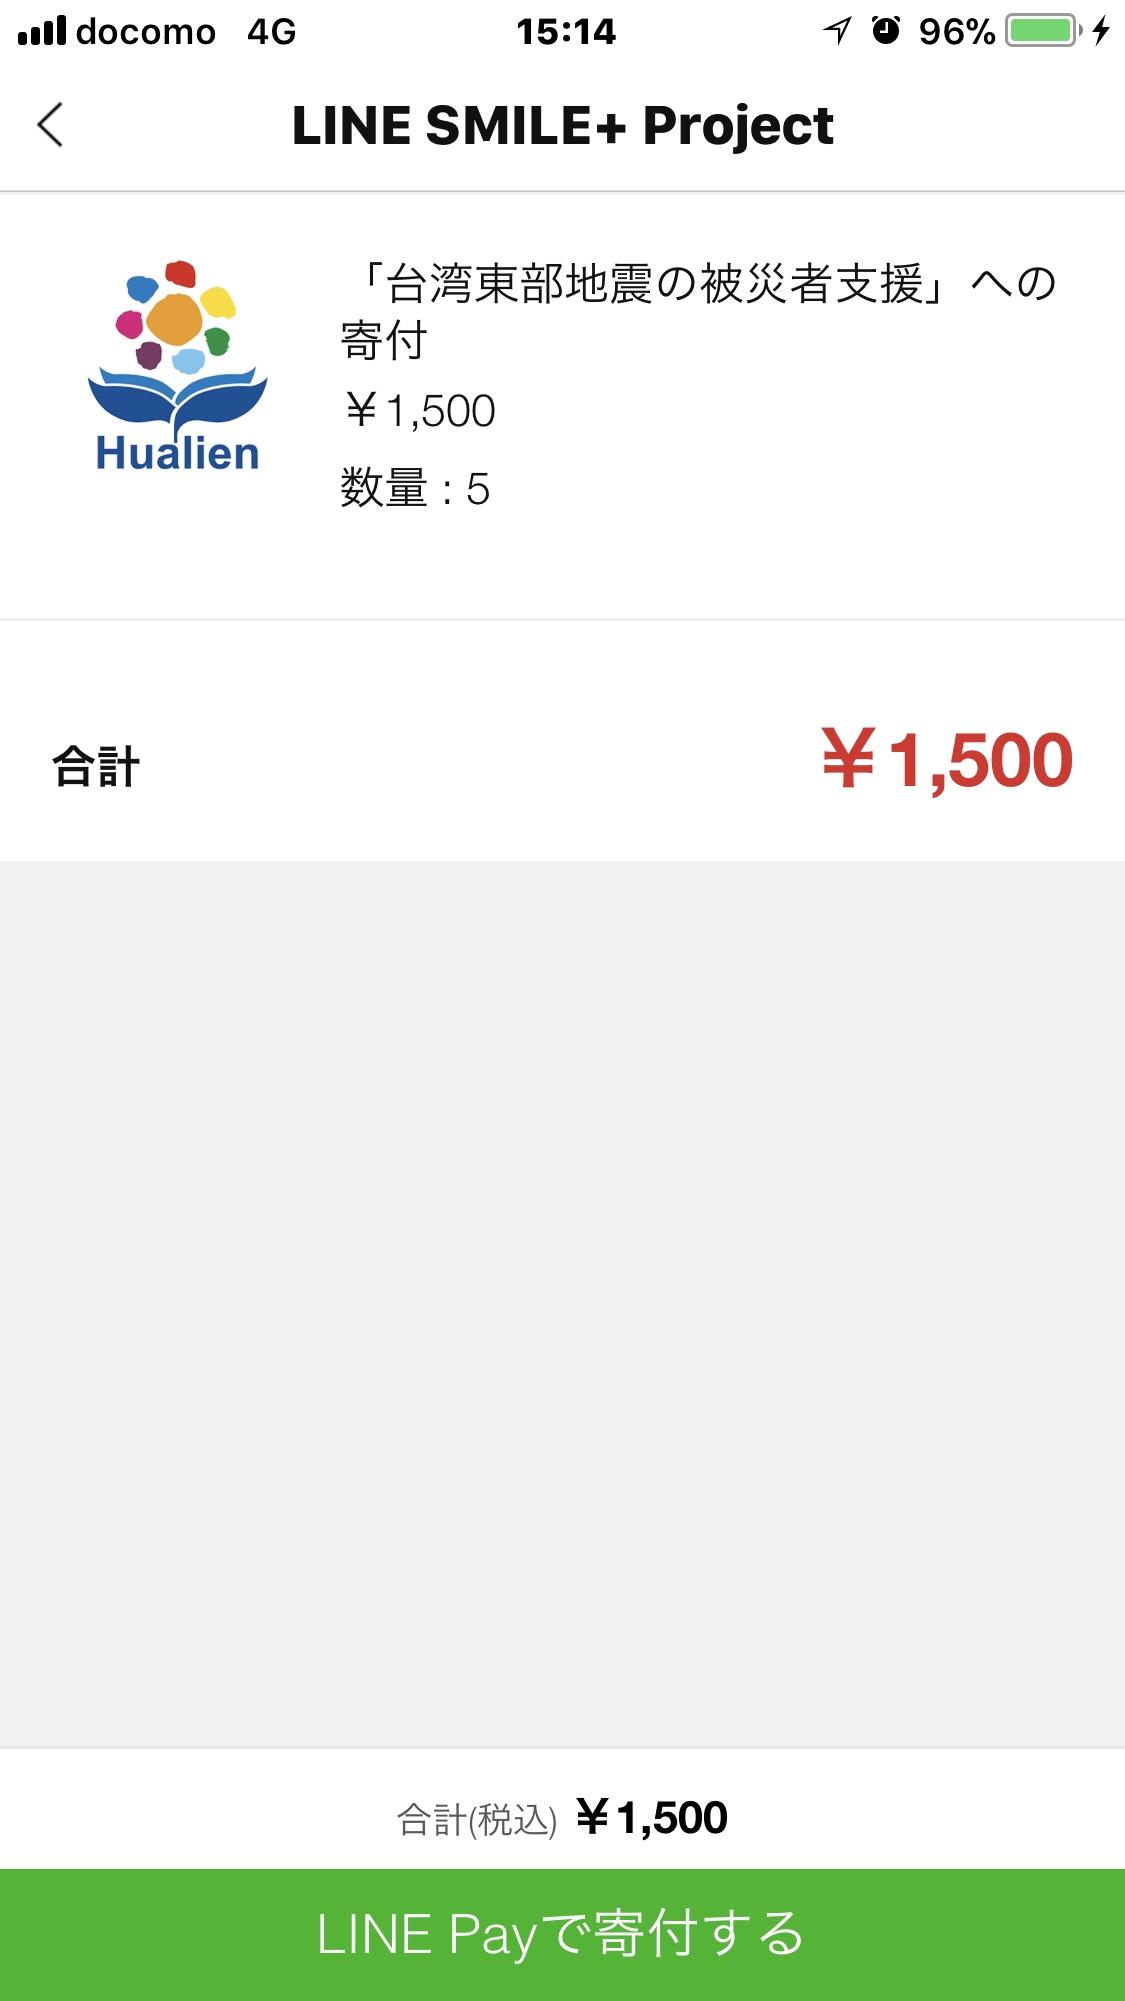 台湾地震の募金をLineでしました。